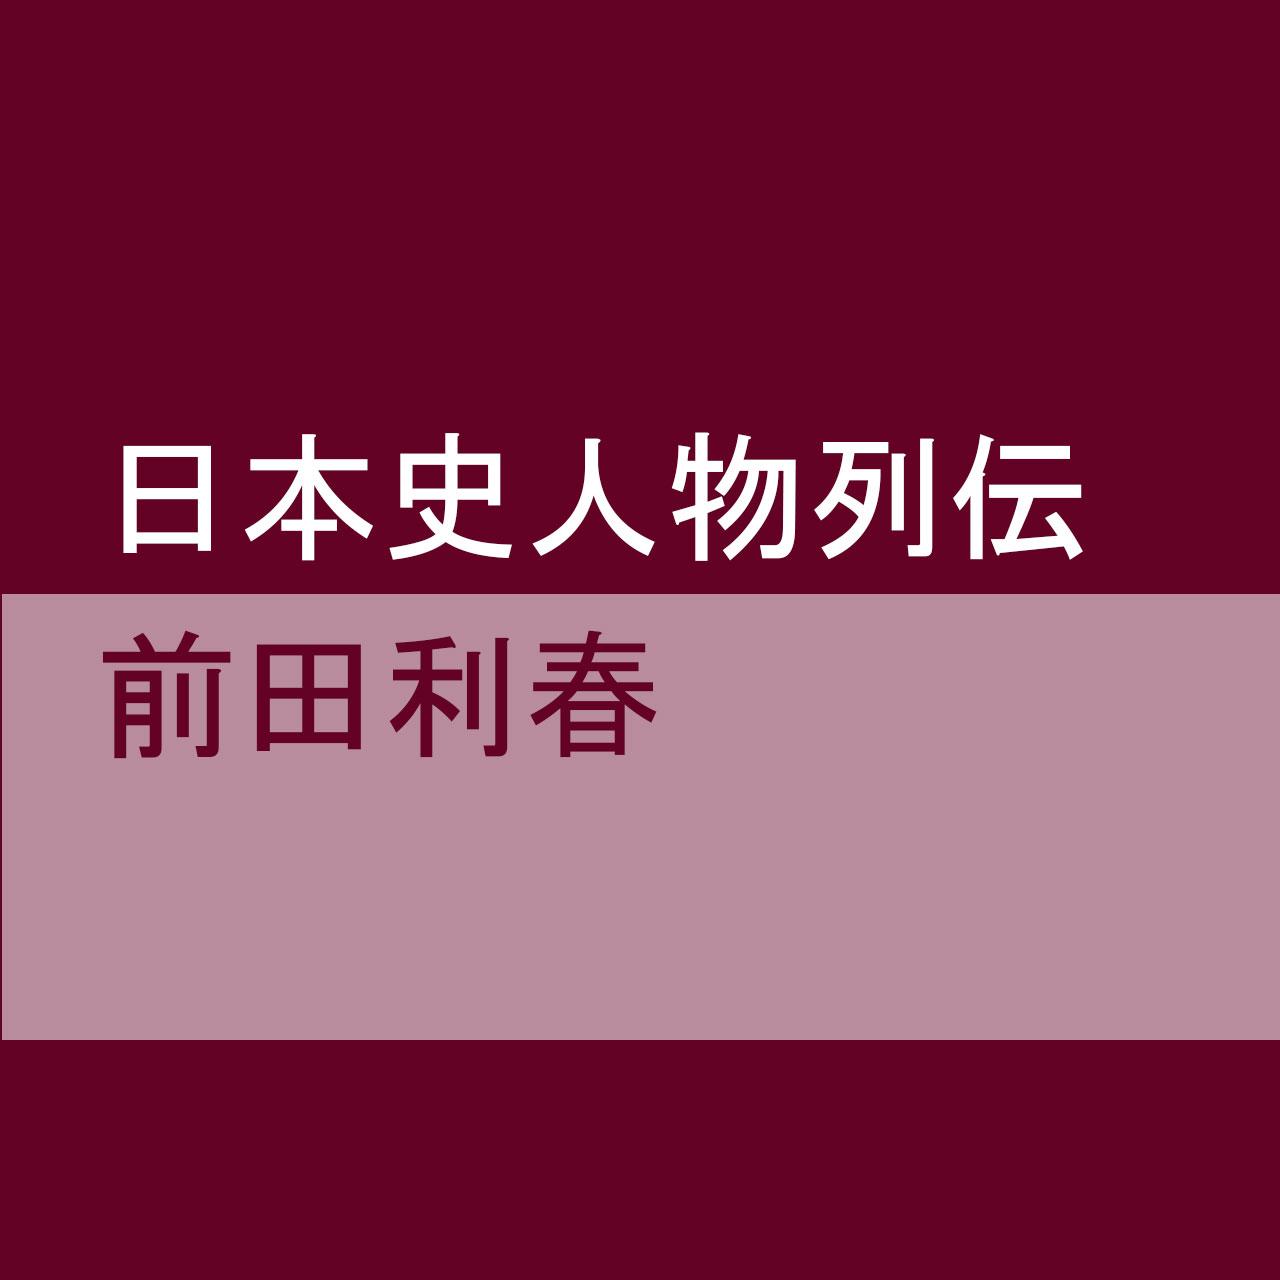 前田利春(前田利昌)